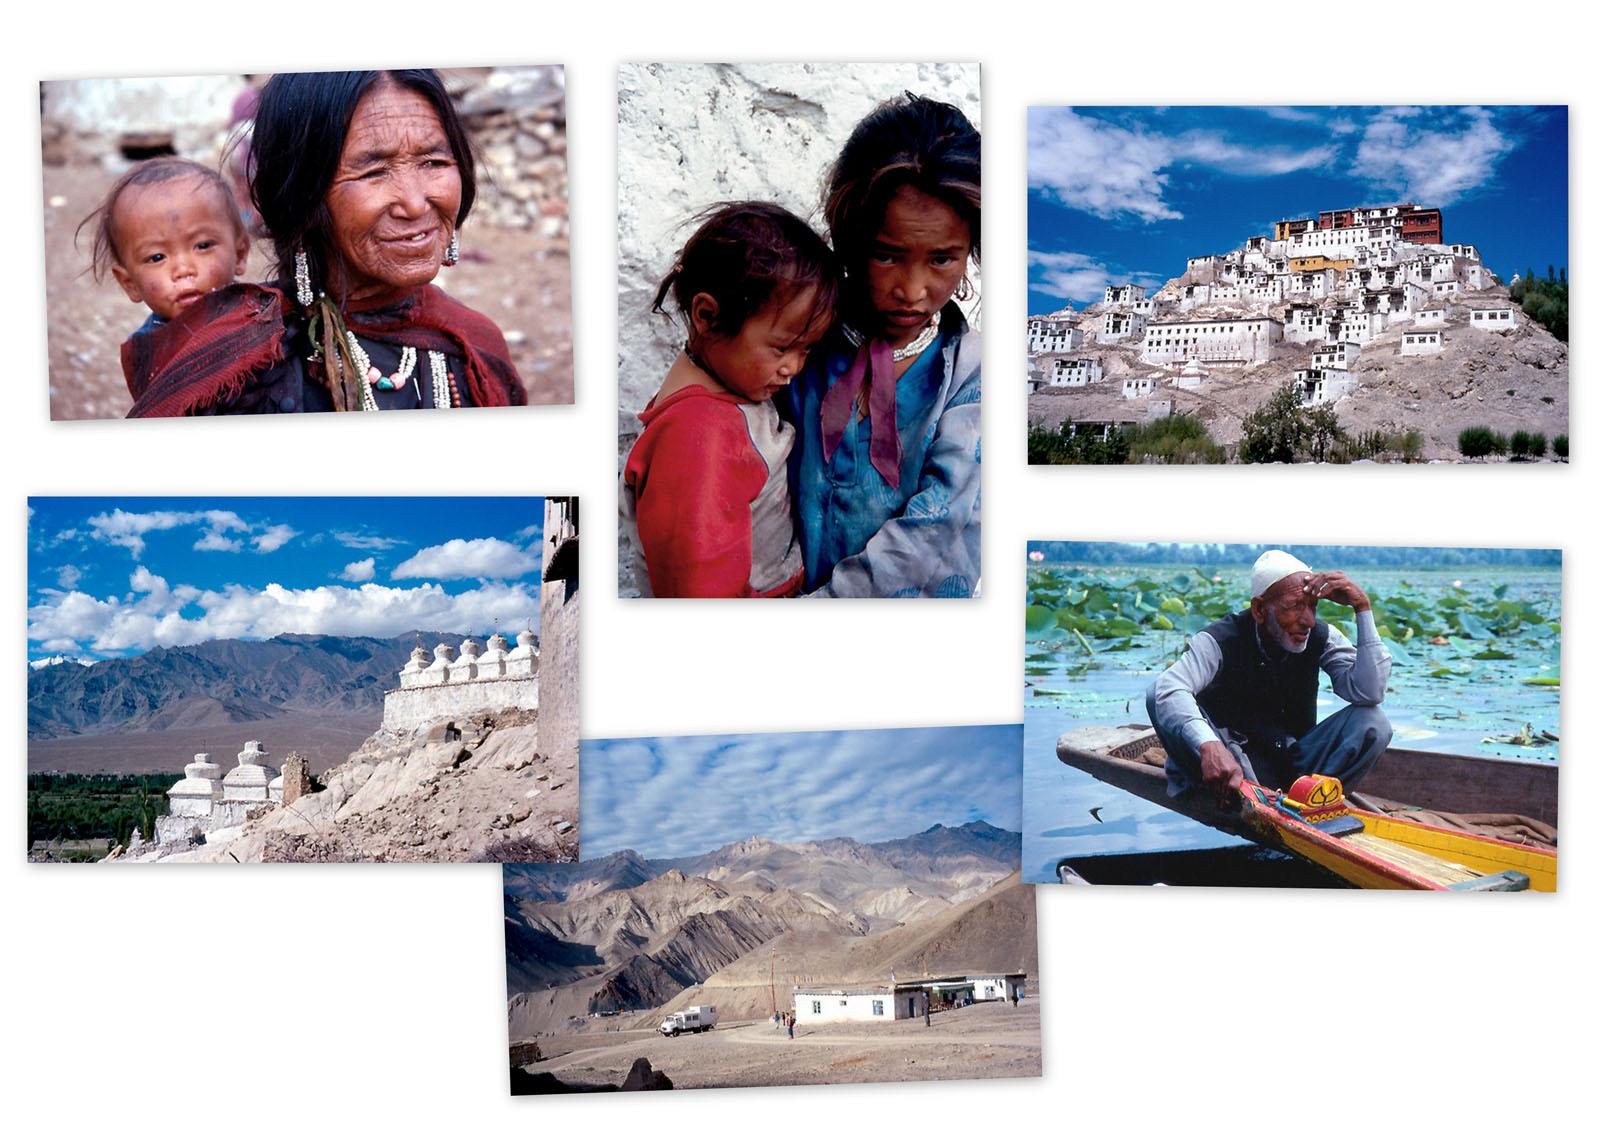 fotohimachalladakh-1600